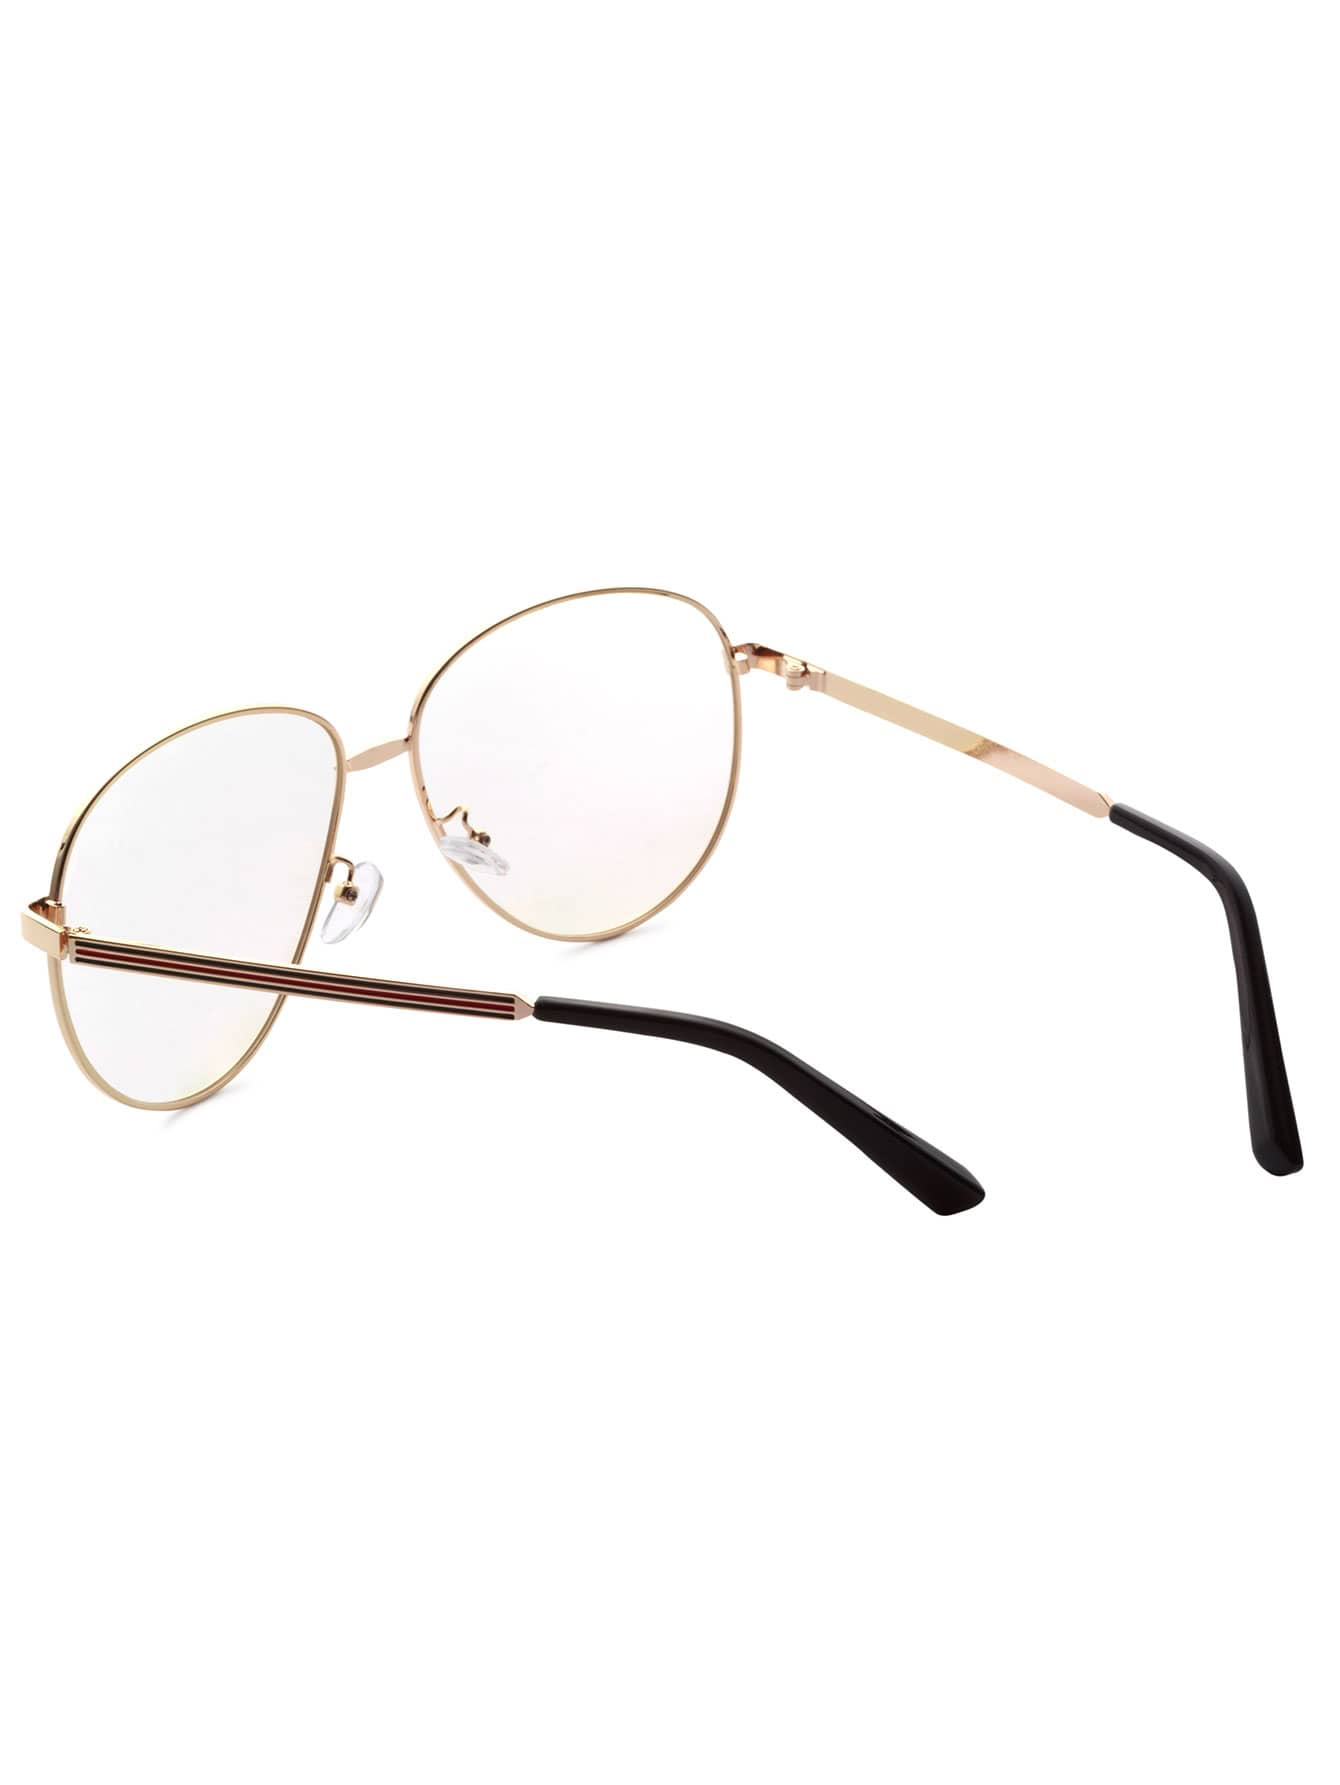 Vintage Large Frame Glasses : Gold Frame Large Lens Vintage Glasses -SheIn(Sheinside)